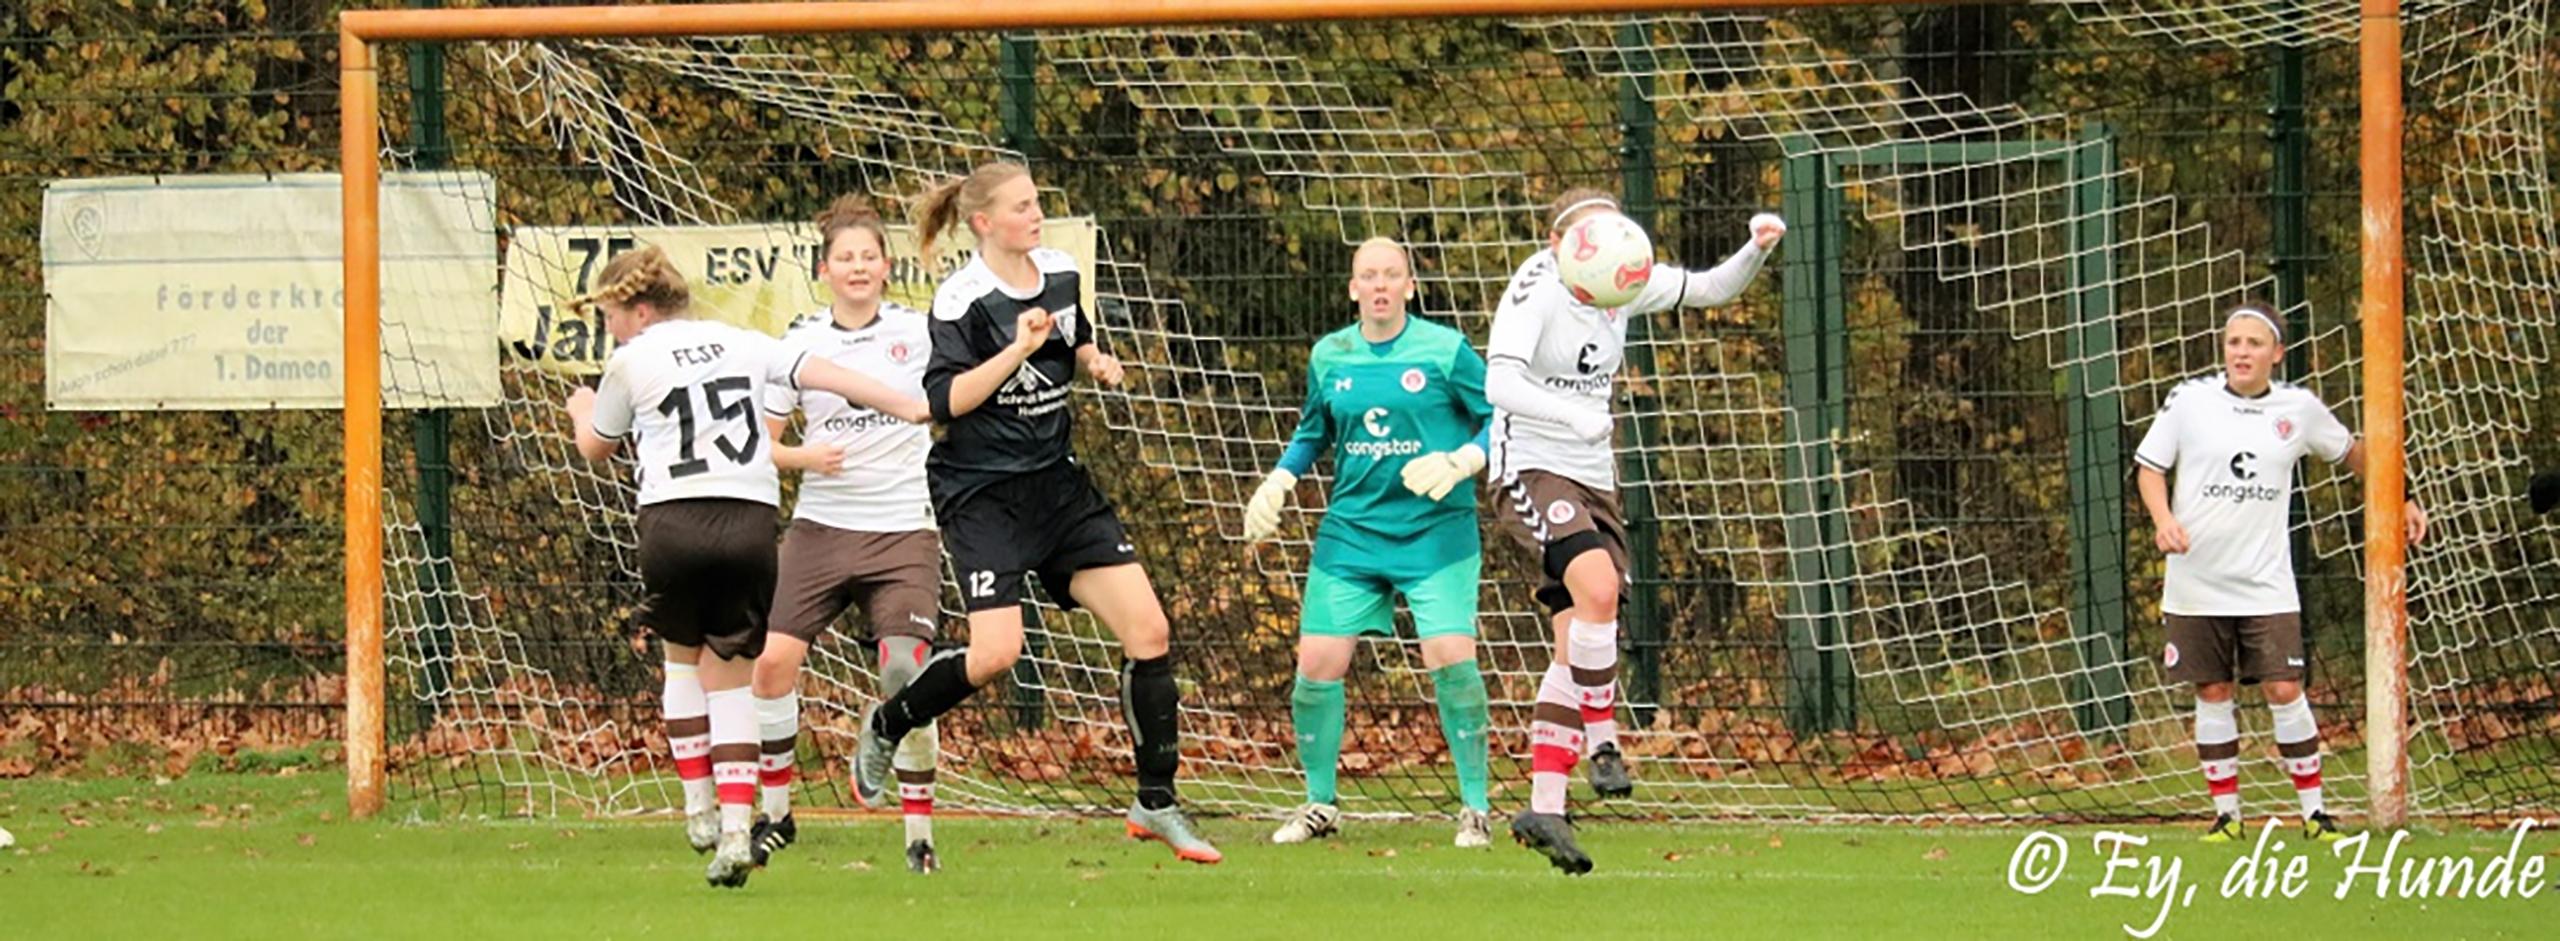 2:1-Erfolg gegen Celle - 1. Frauen übernehmen Tabellenführung